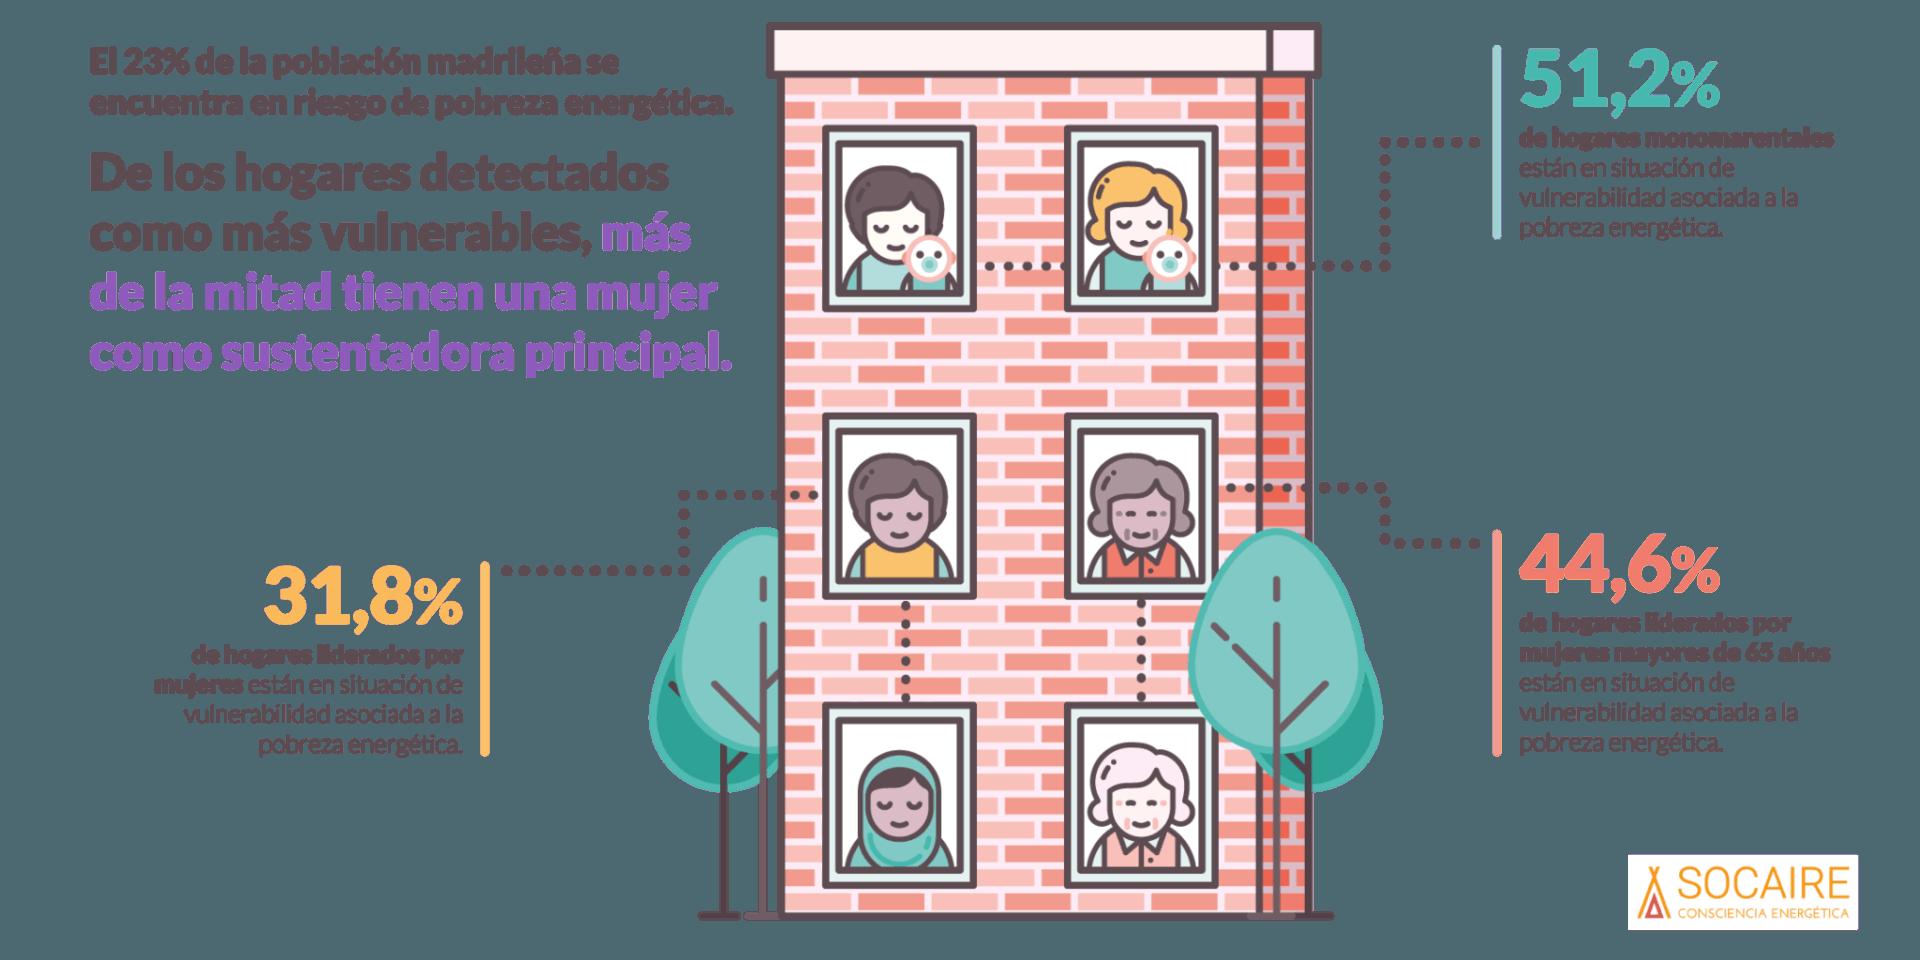 pobreza energética y desigualdad de género en Madrid